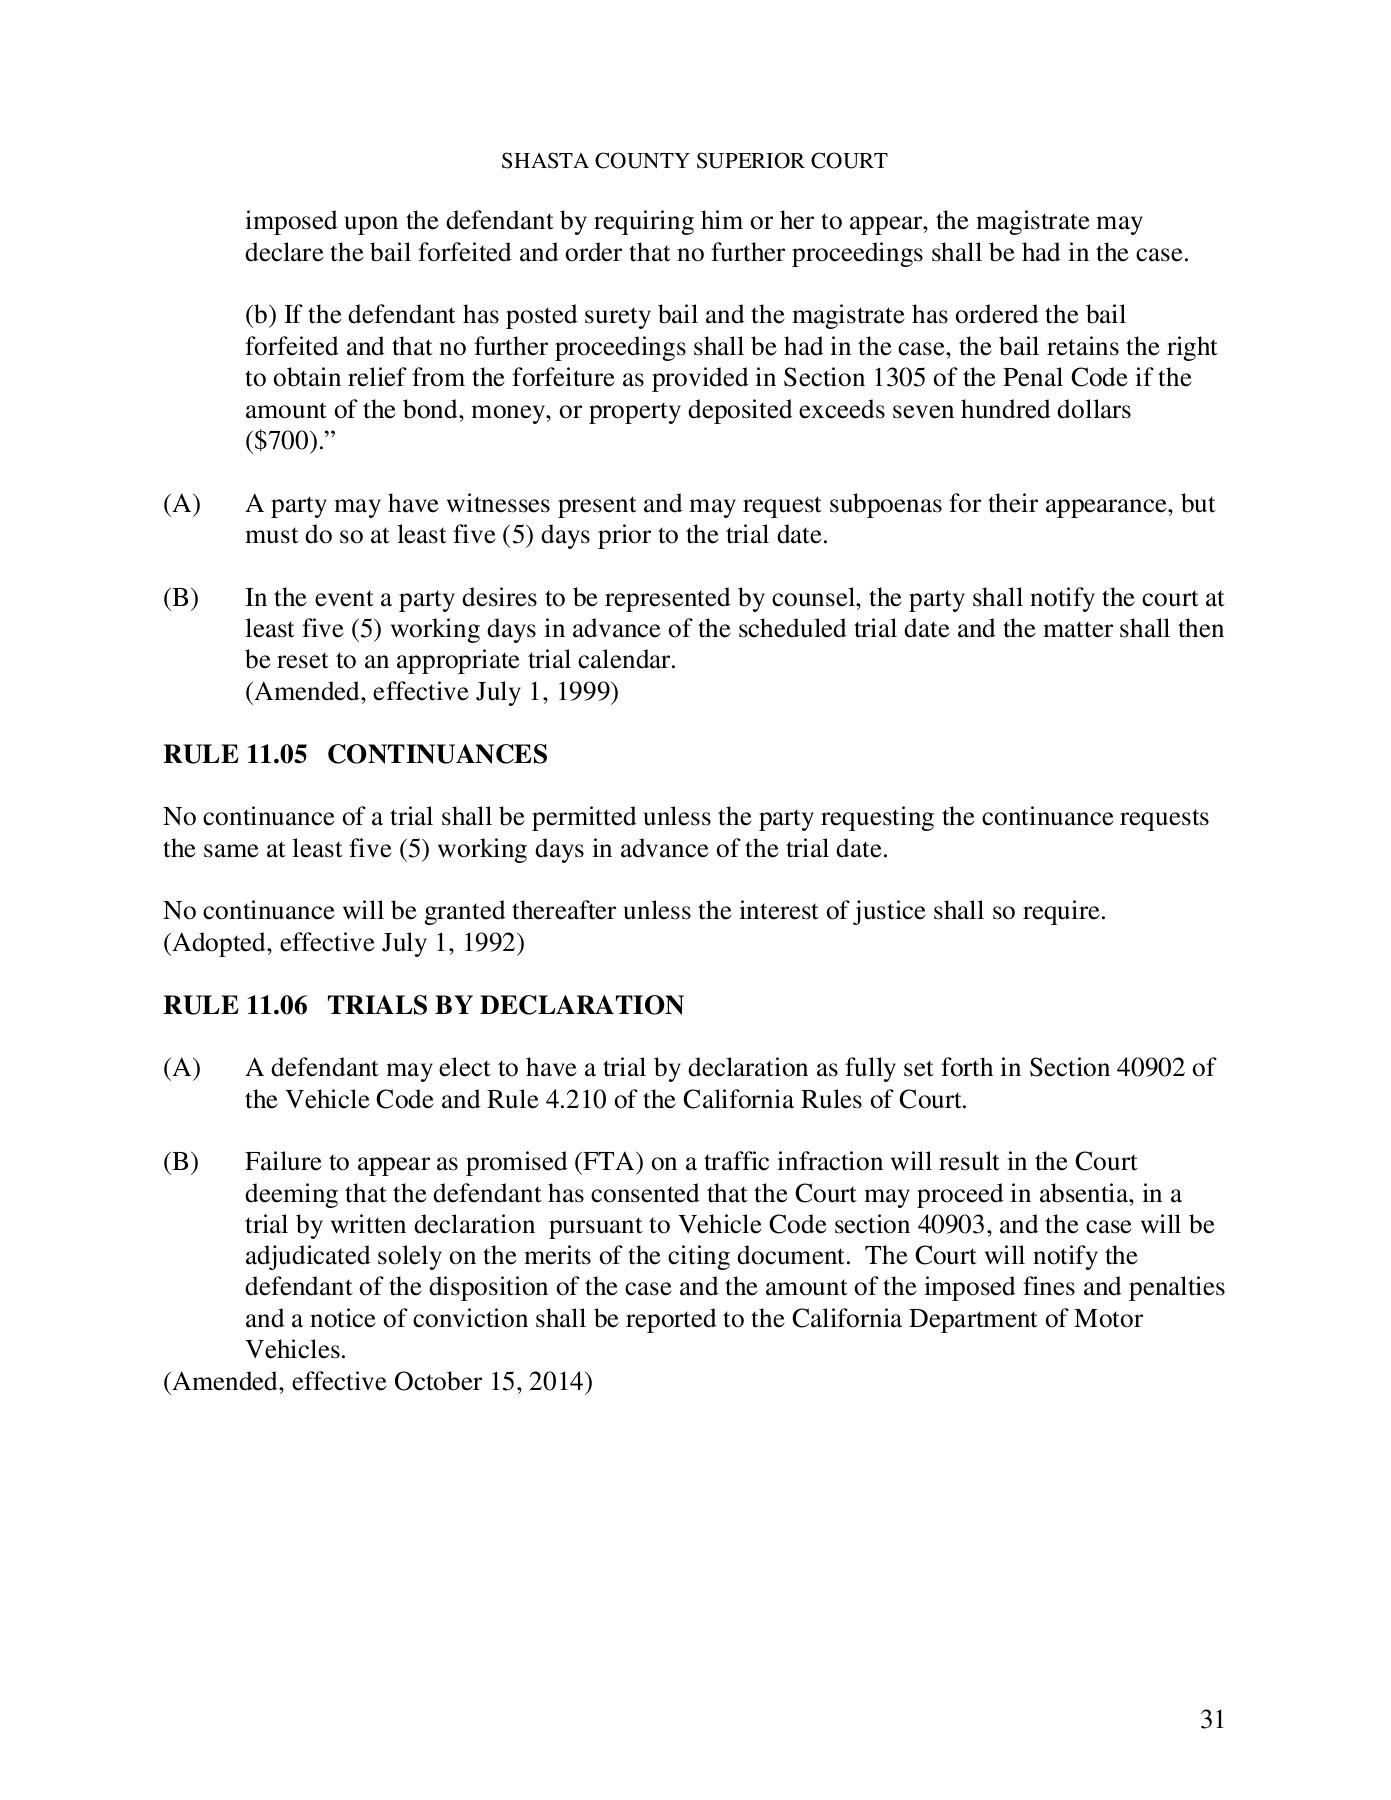 Local Rules - Superior Court Of California - County Of Within Shasta County Superior Court Calendar